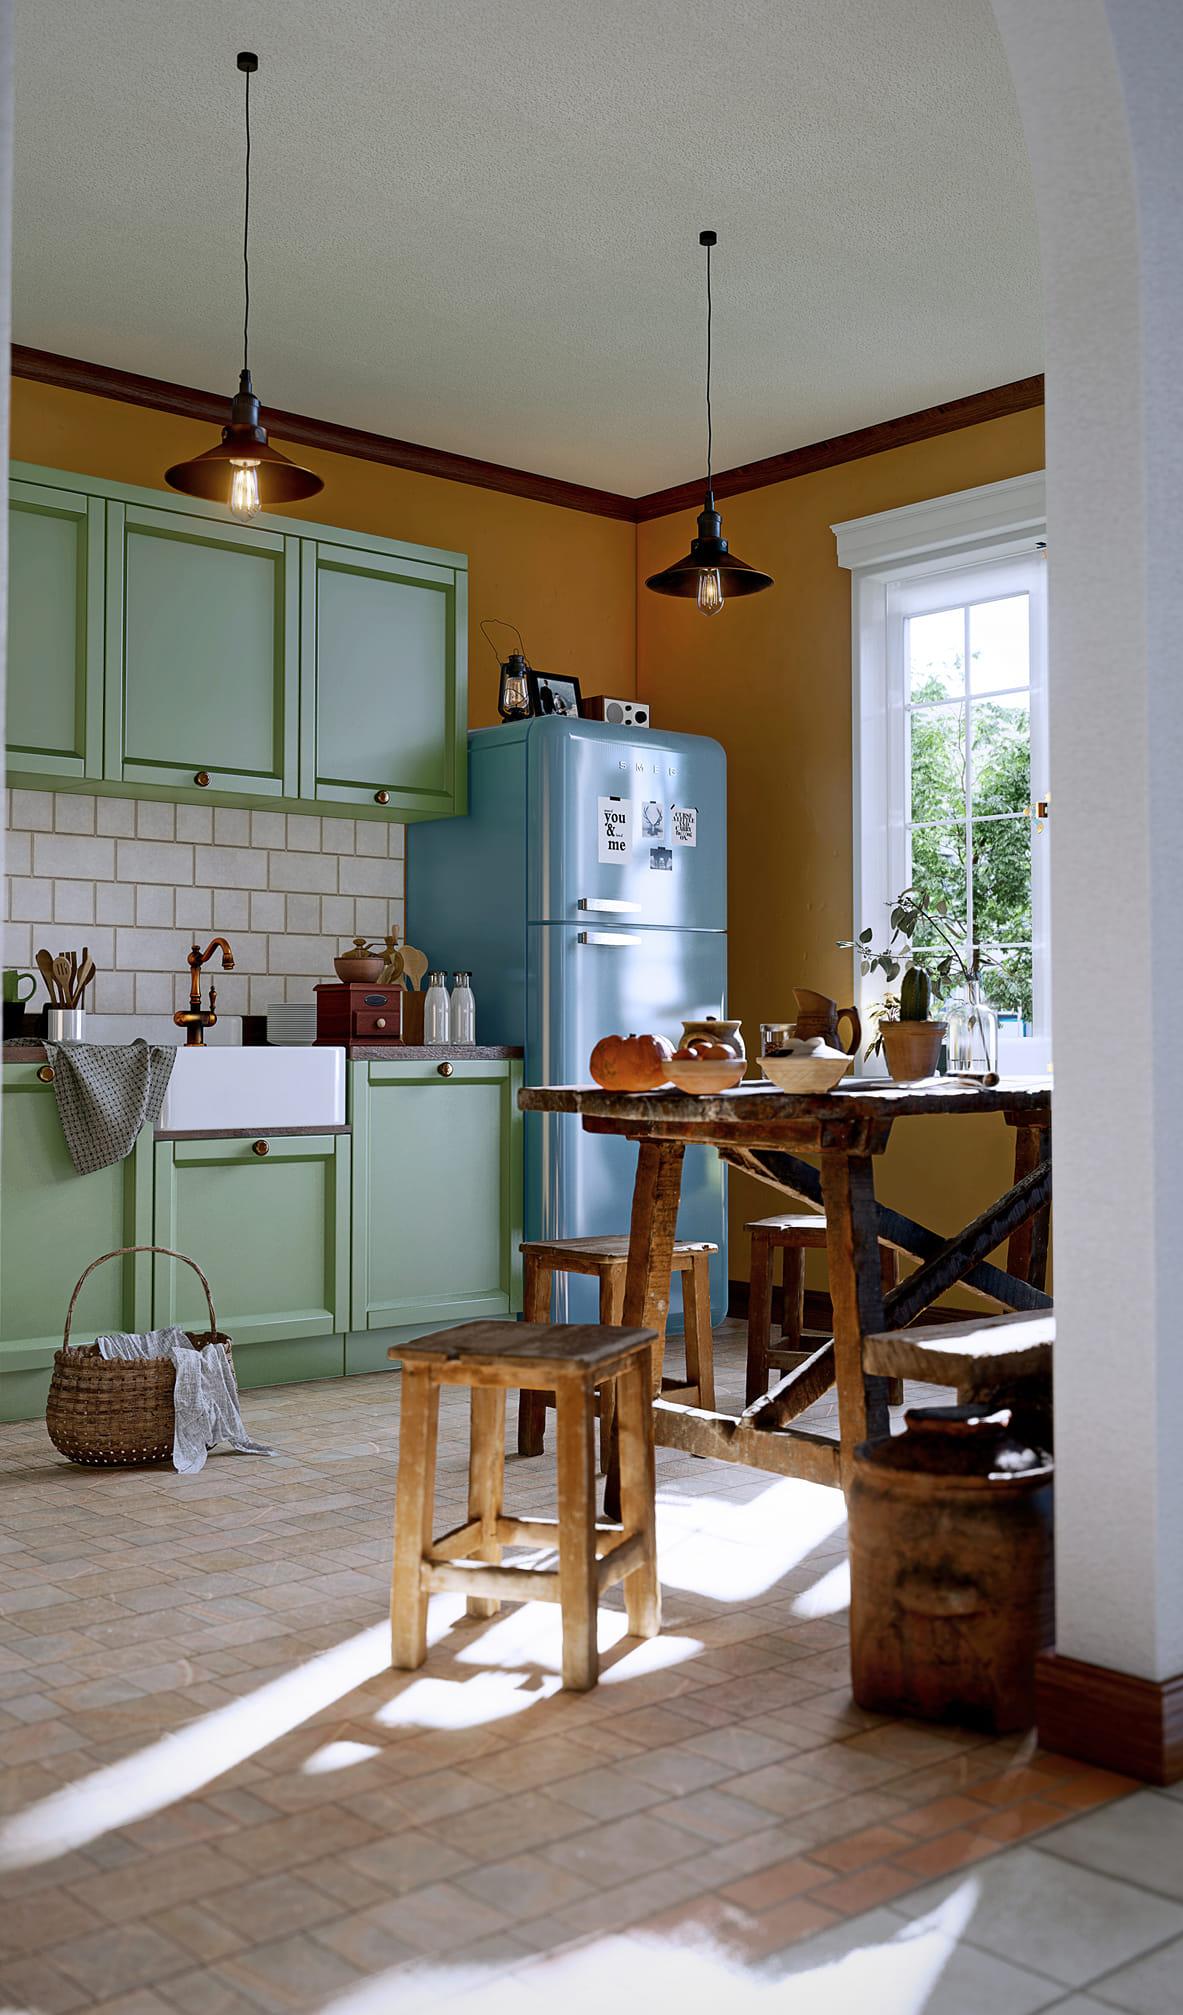 Vintage kitchen, rendered in Lumion by Aditya Pradana.